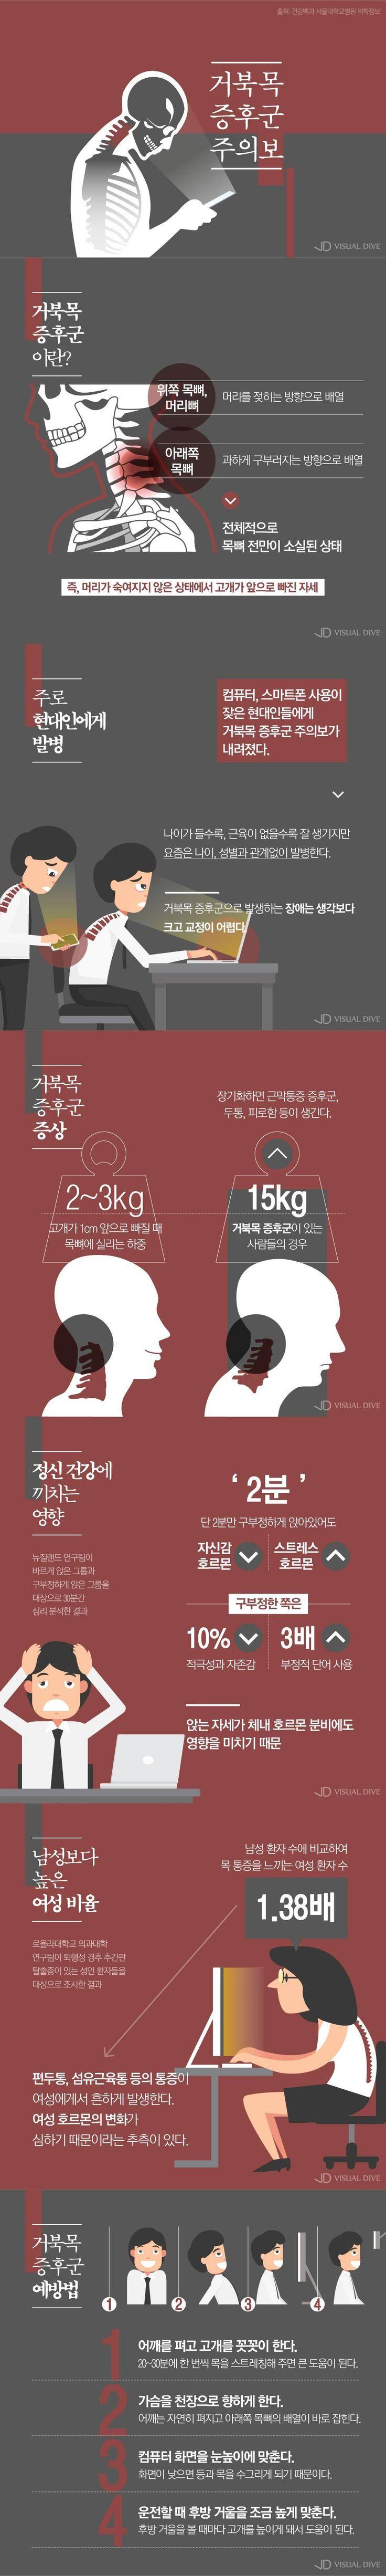 직장인 직업병 '거북목증후군 주의보' 예방법은? [인포그래픽] #posture / #Infographic ⓒ 비주얼다이브 무단 복사·전재·재배포 금지